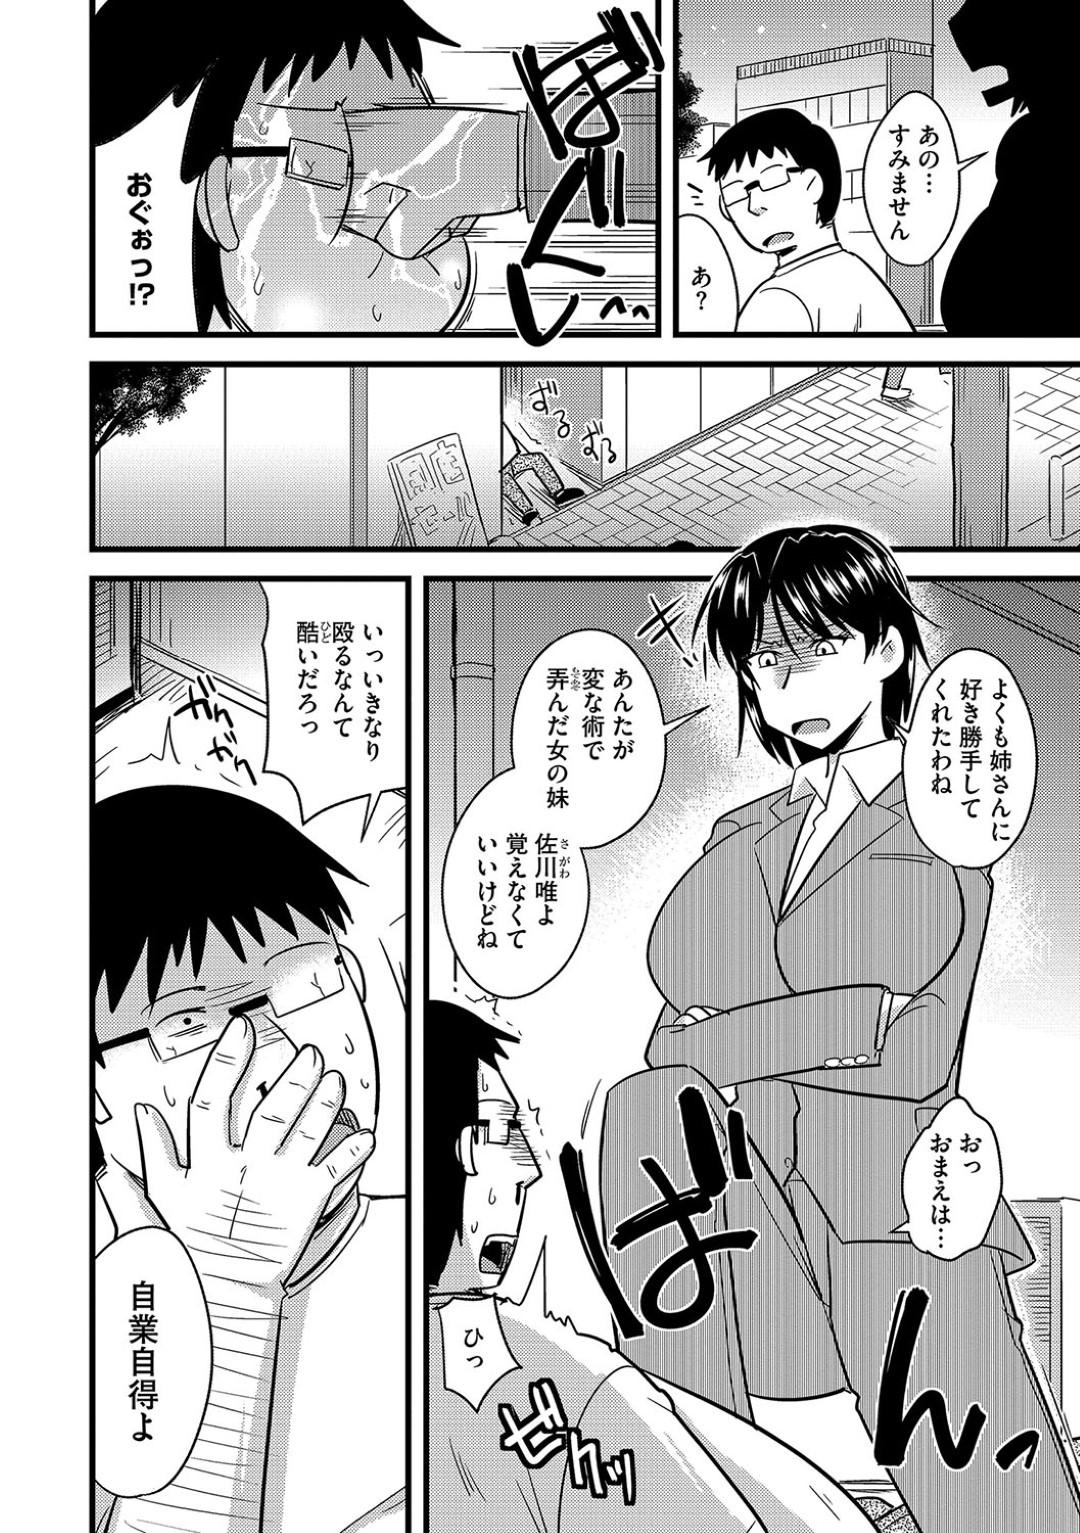 【エロ漫画】姉に催眠をかけてレイプする男を問い詰めた妹だが自分も催眠かけられ生ハメ調教レイプで寝取られる